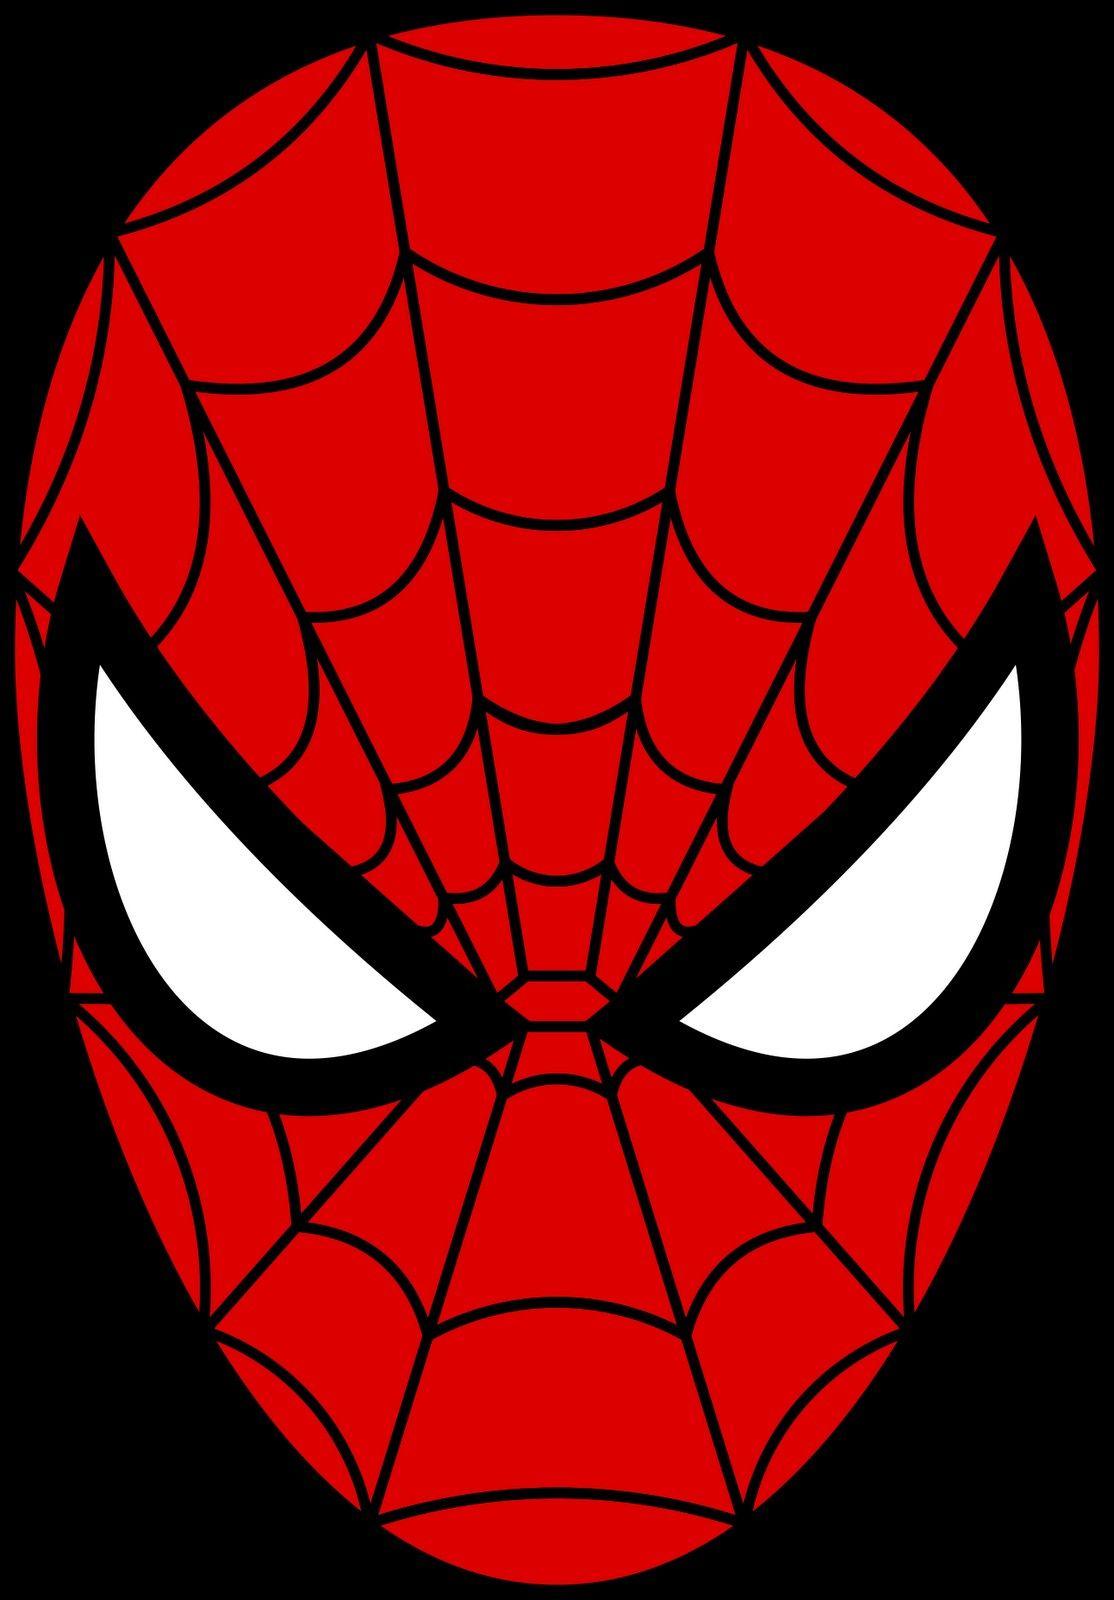 Épinglé Par Viot Sur Mes Enfants   Masque Super Héros, Carte intérieur Masque Spiderman A Imprimer